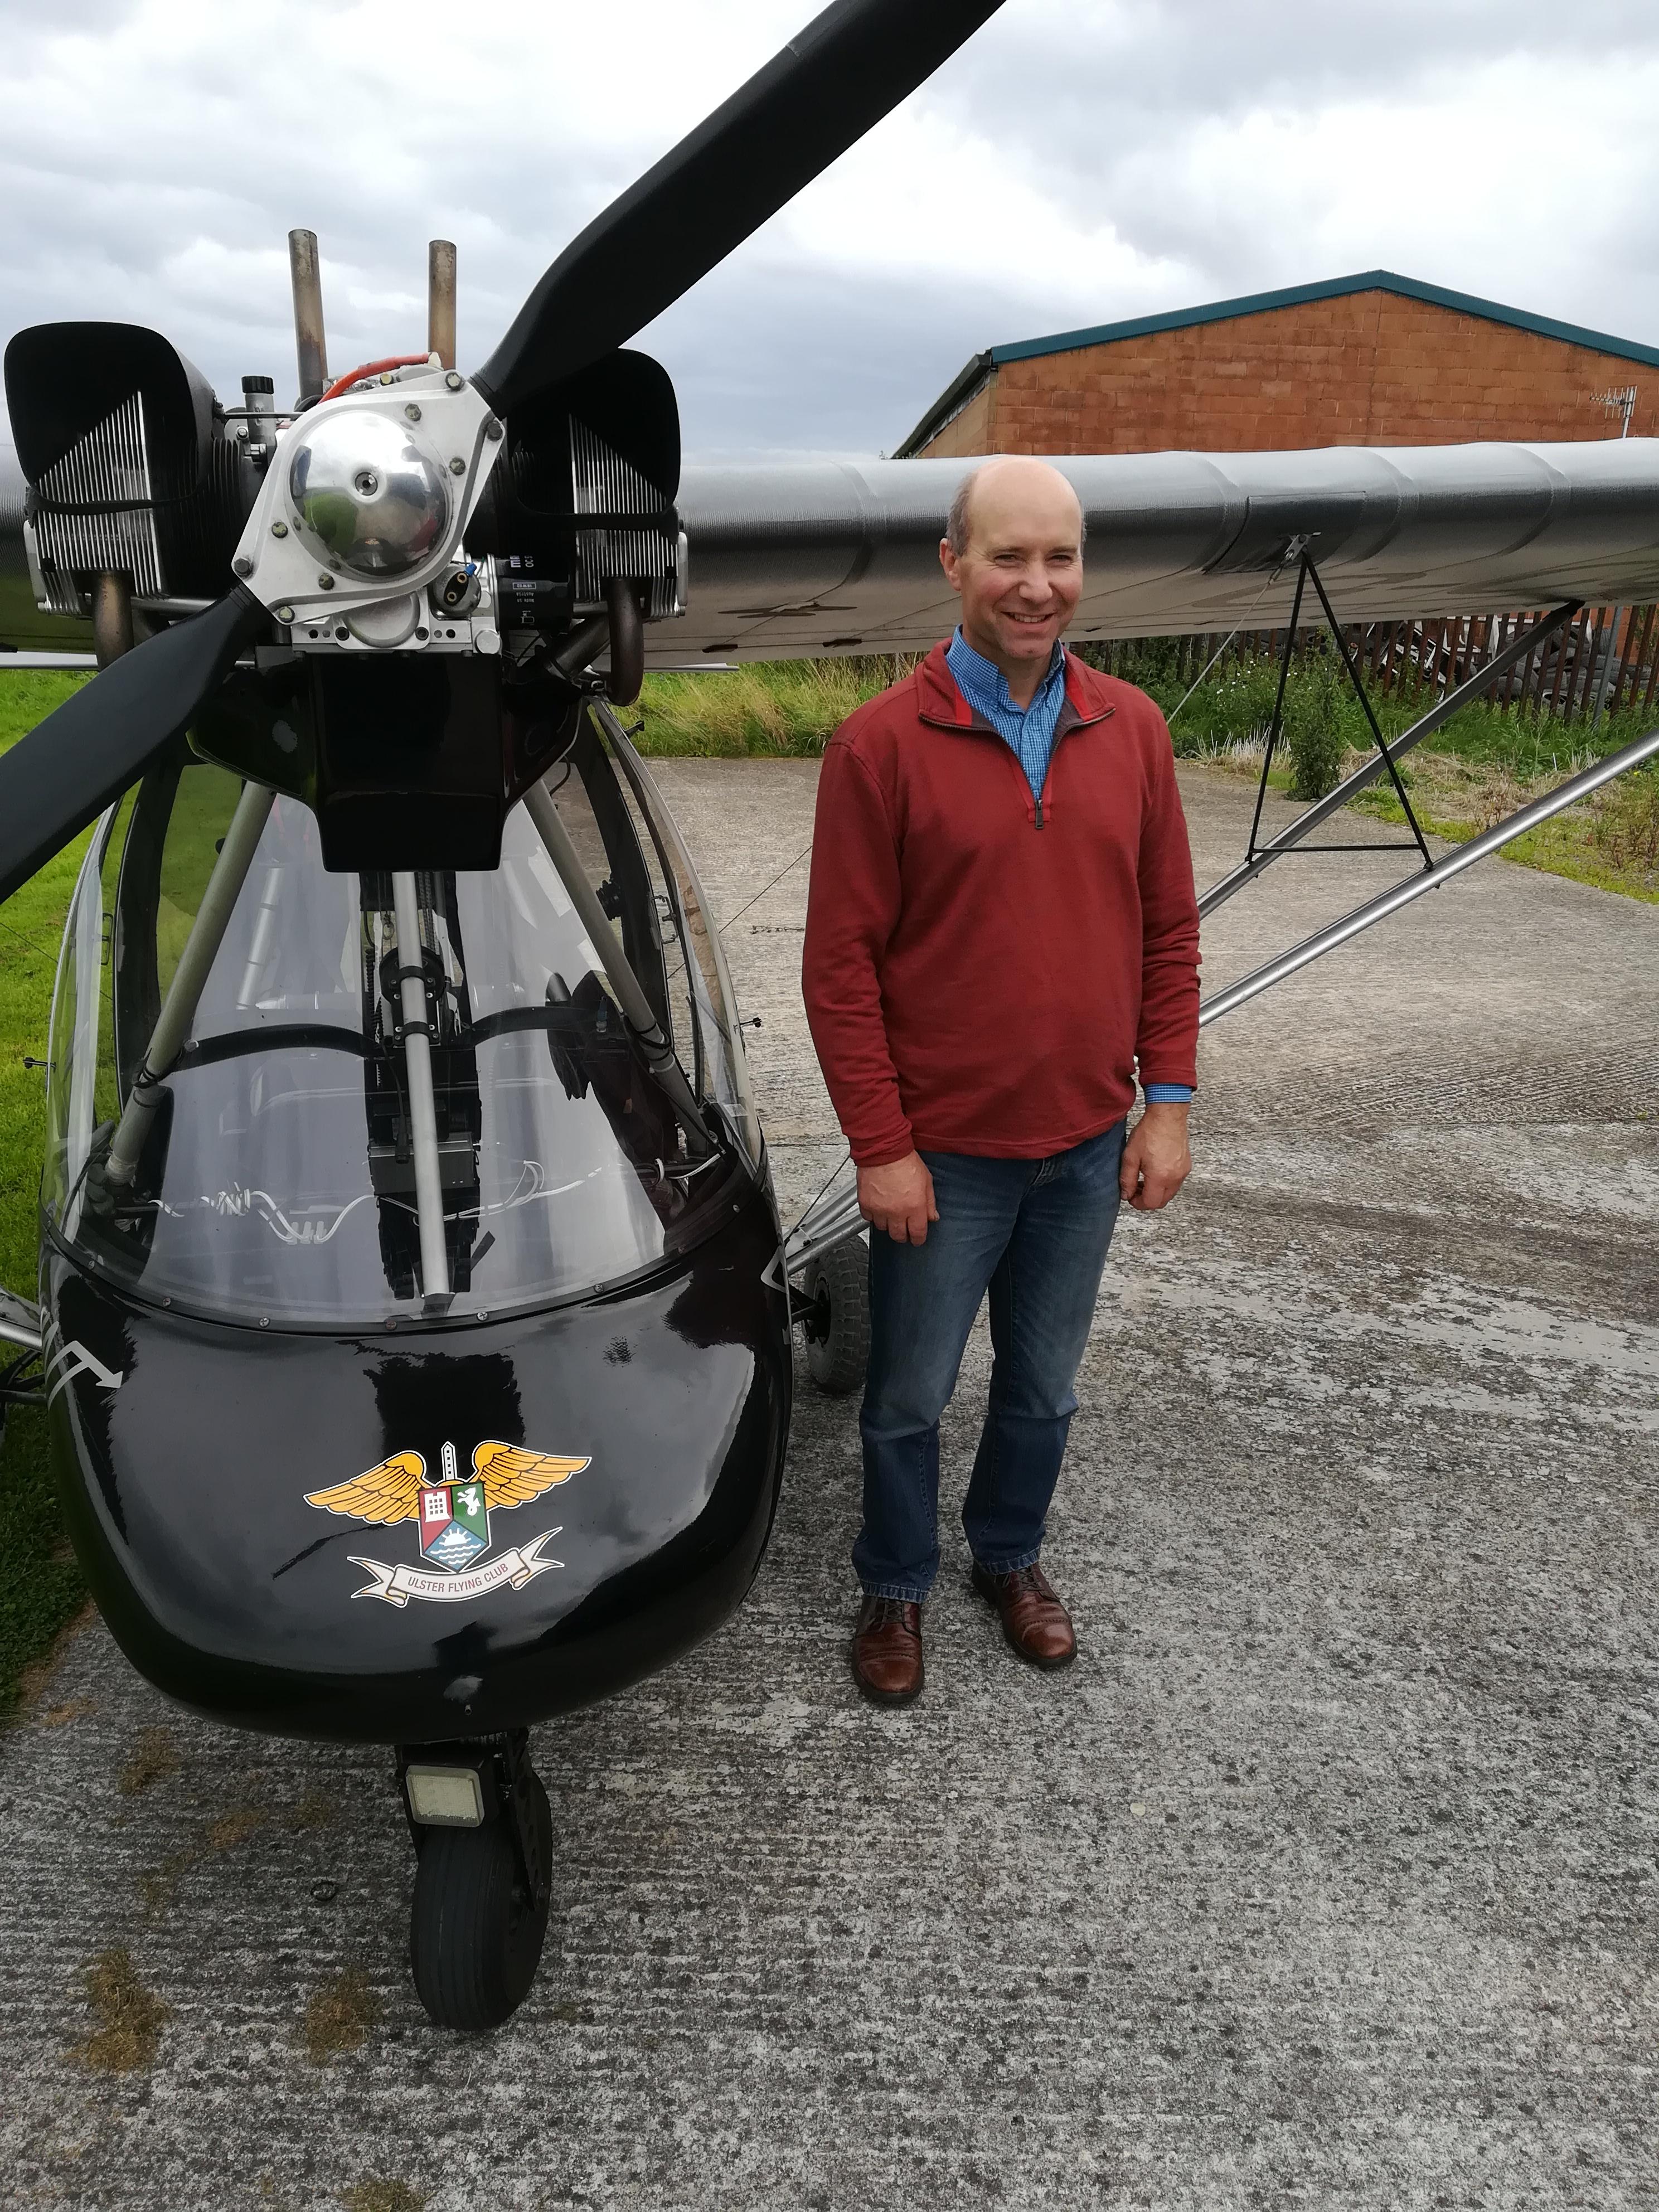 Edwin Calvin wins his Pilot's License